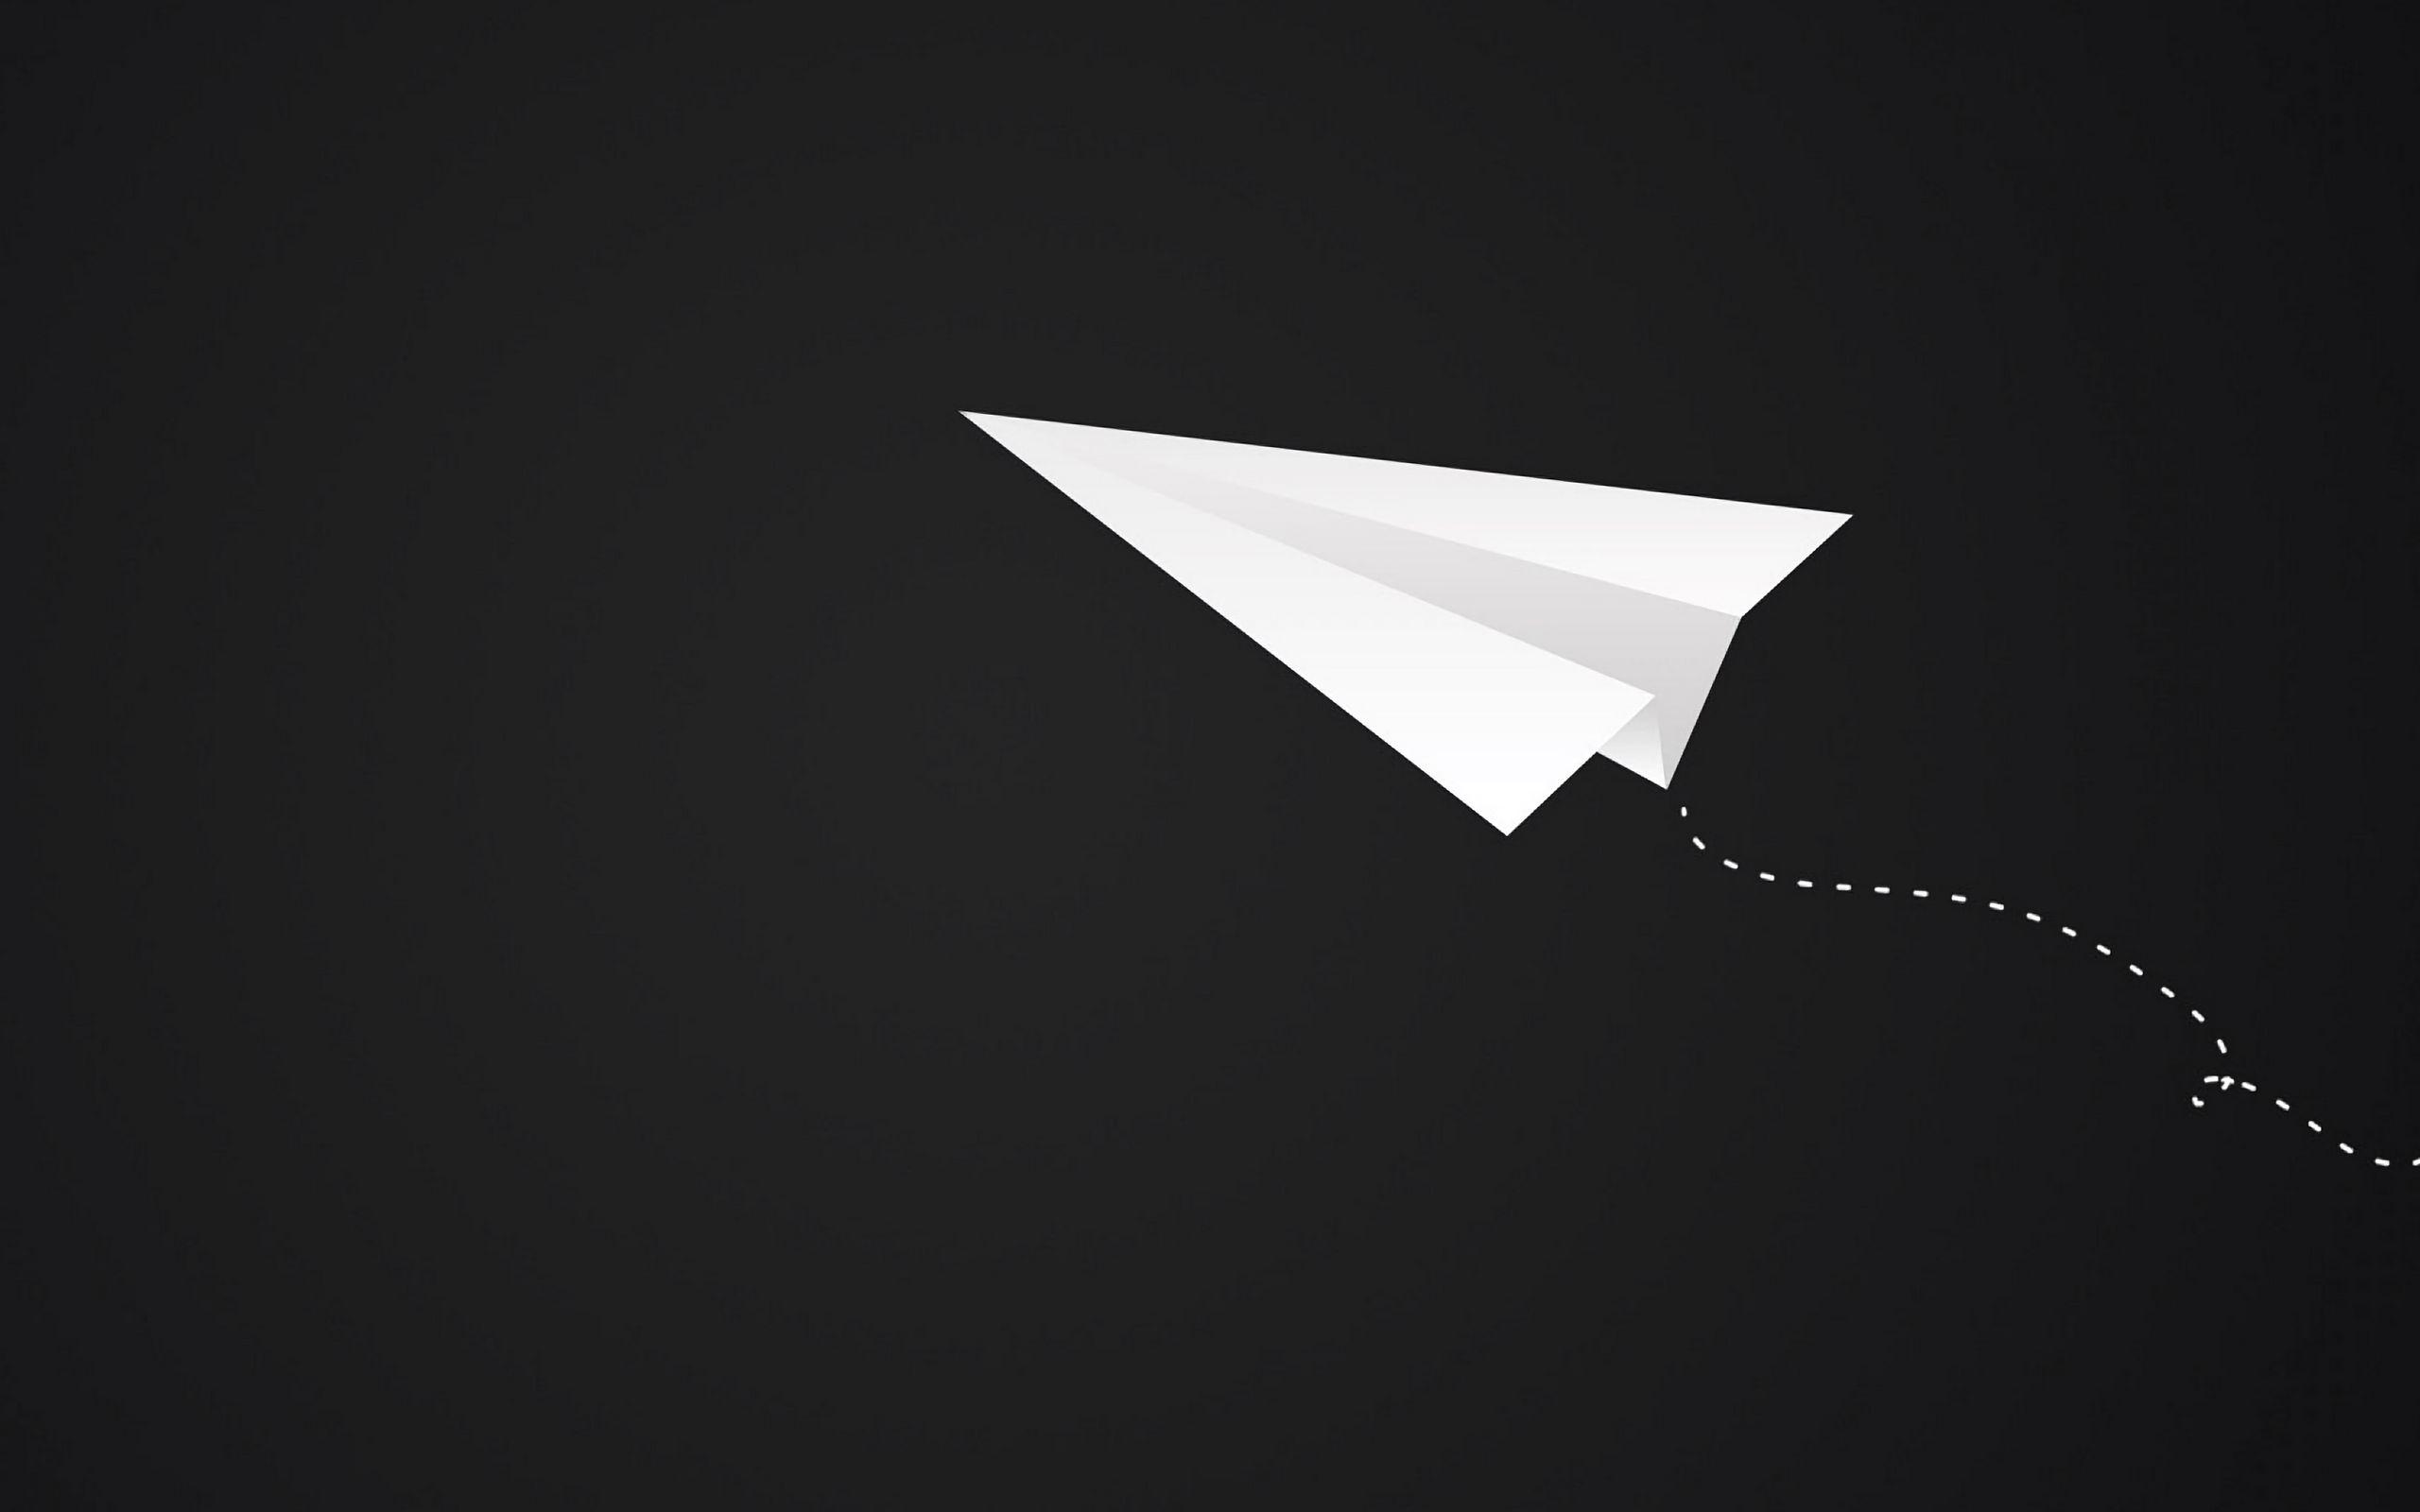 2560x1600 Wallpaper origami, plane, art, paper, minimalism